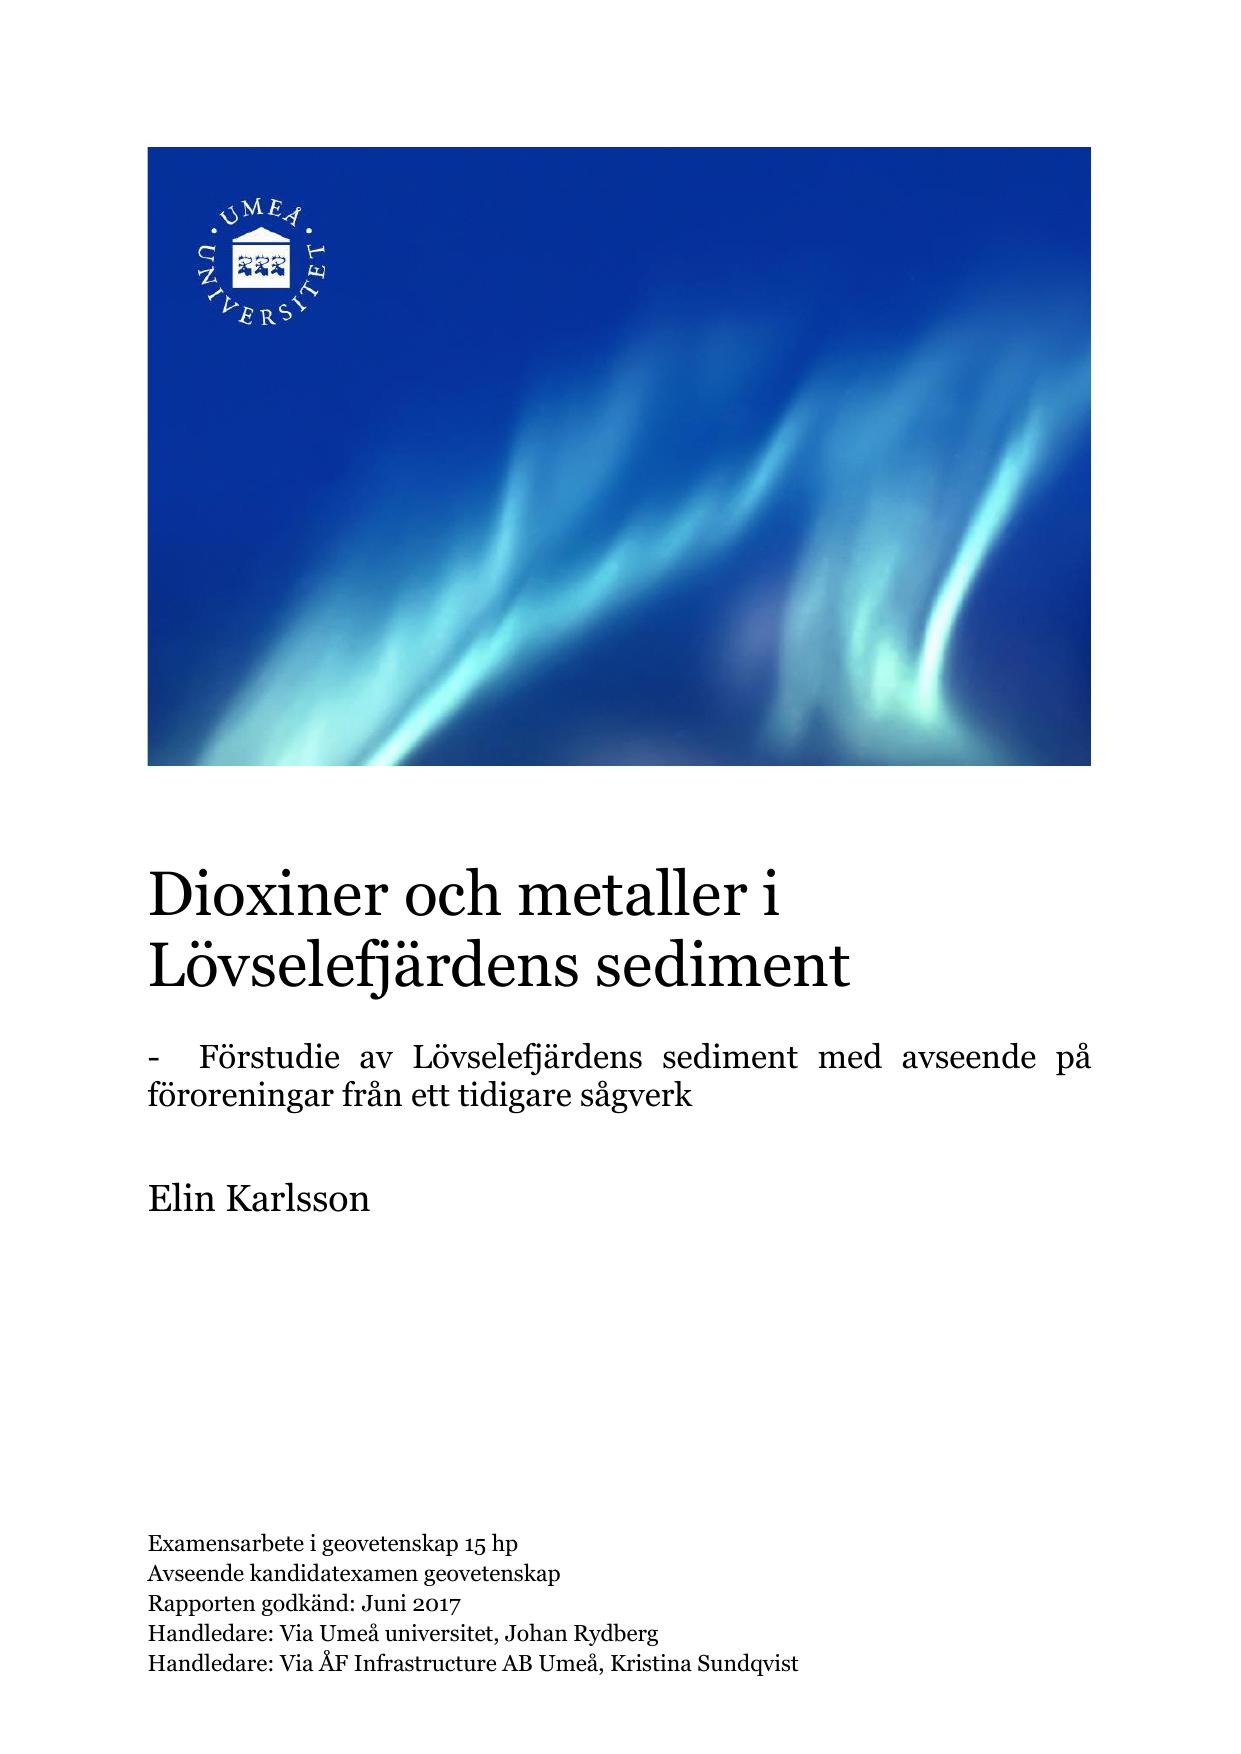 Dioxin upptackt vid sagverk